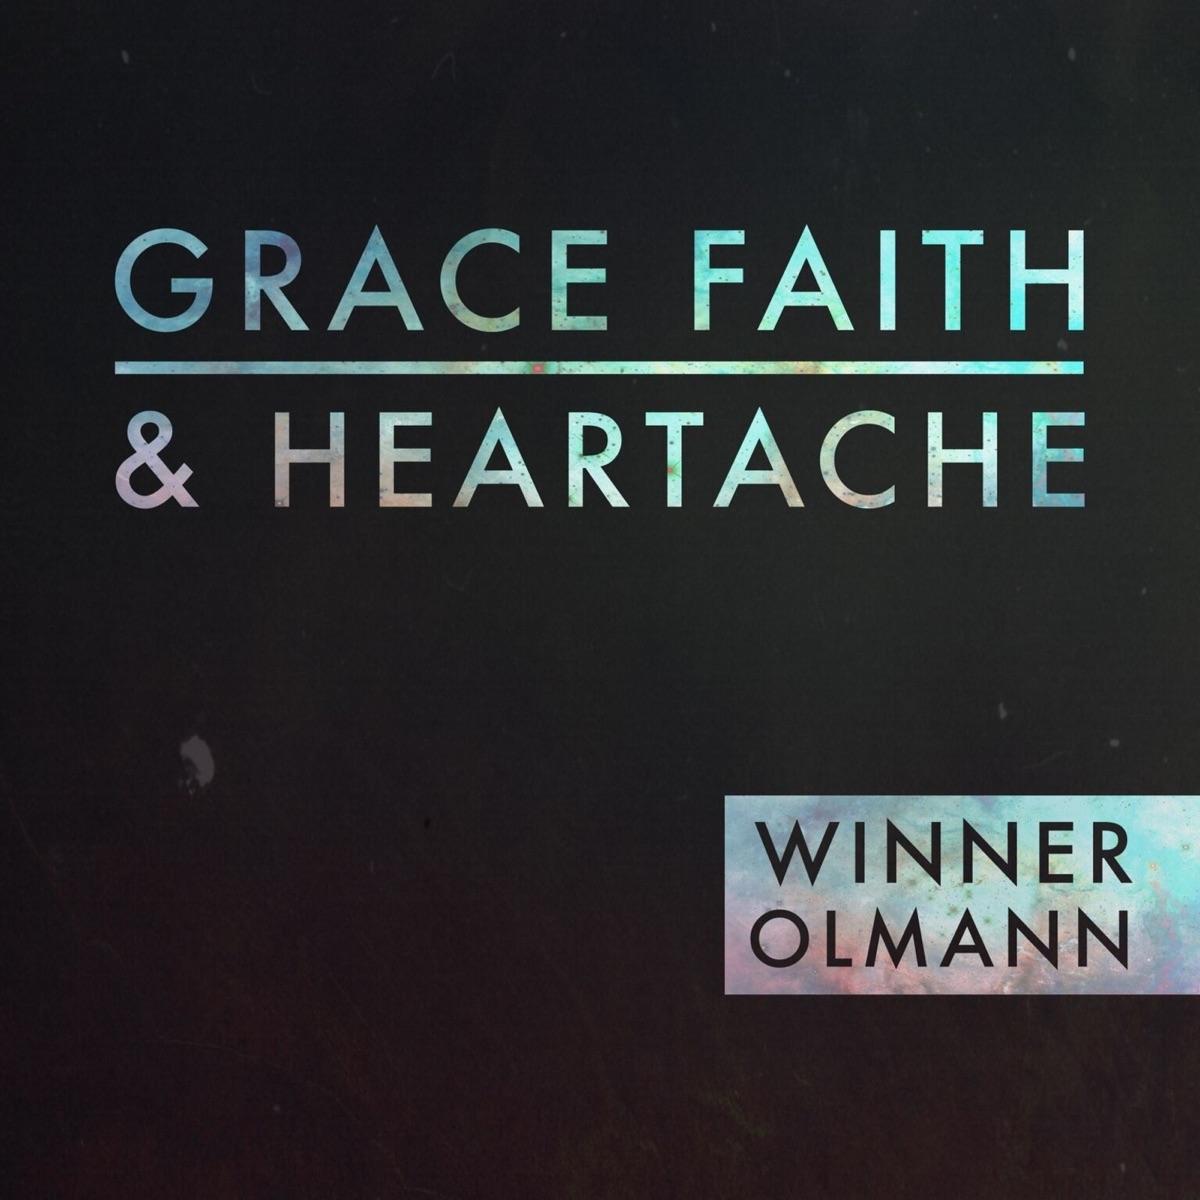 Grace Faith and Heartache - EP Winner Olmann CD cover